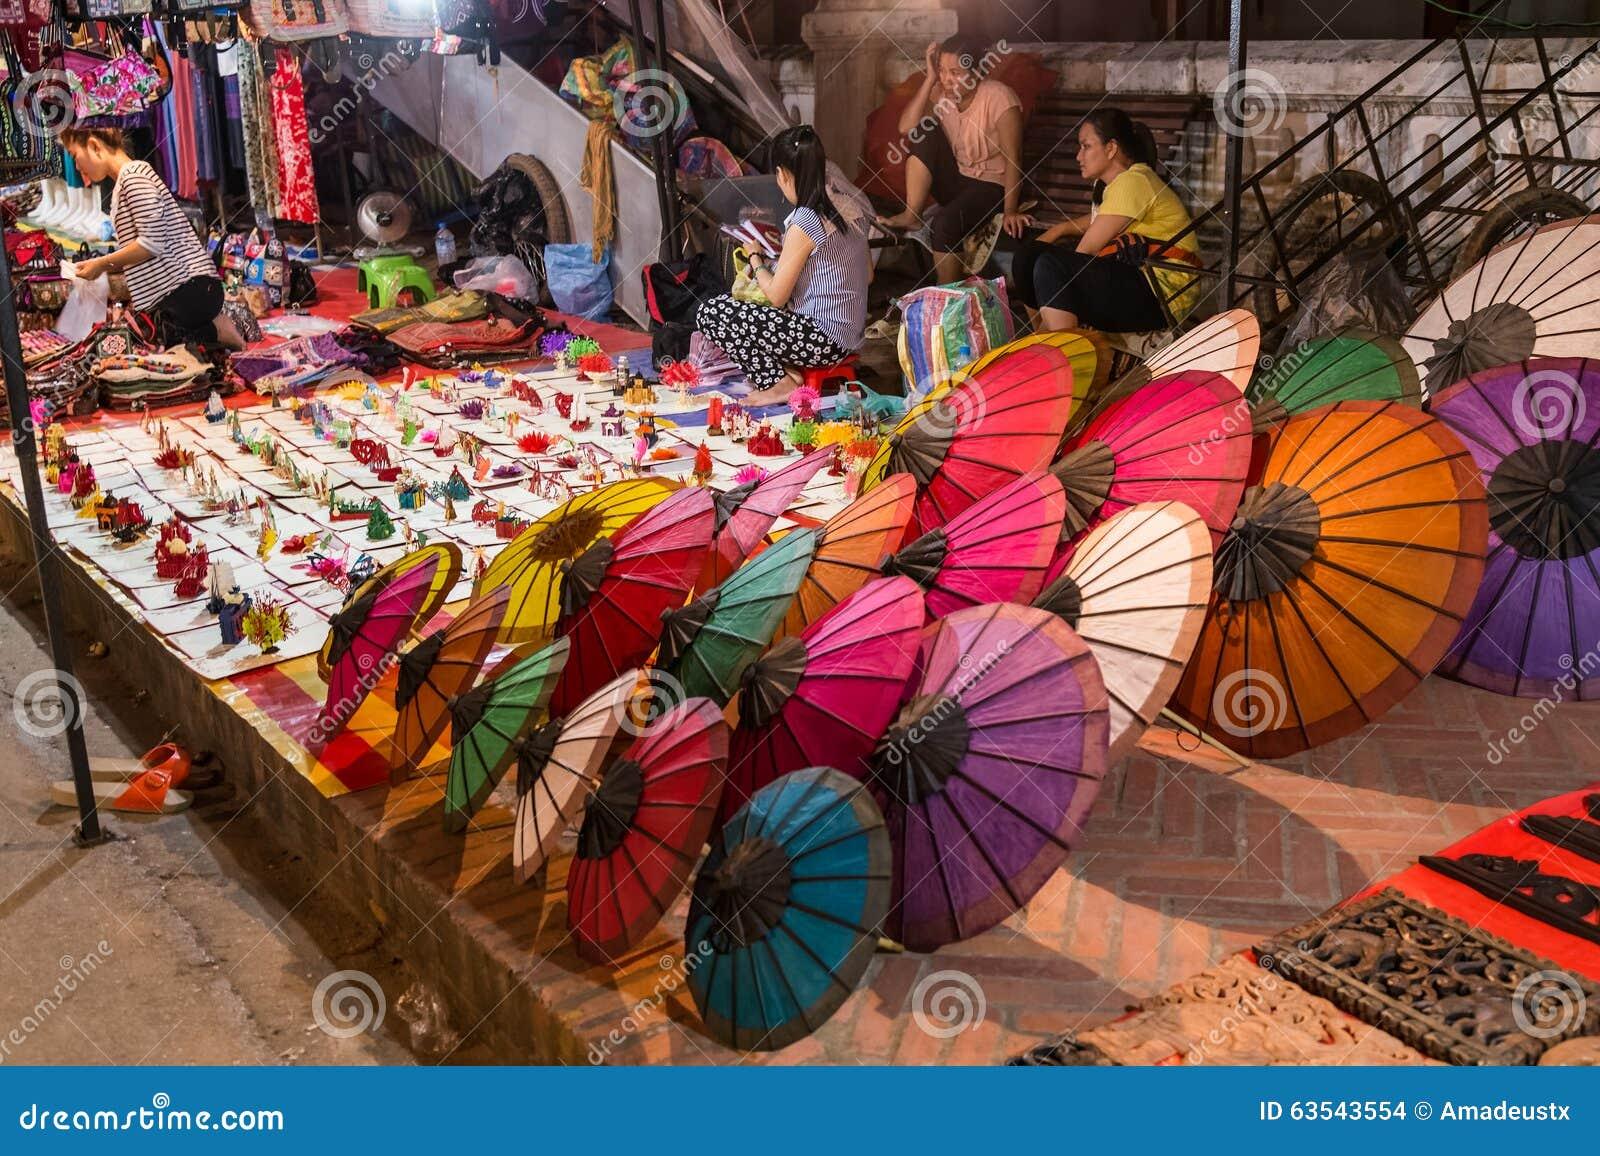 Luang Prabang, Laos - vers en août 2015 : Des souvenirs sont vendus au marché de nuit dans Luang Prabang, Laos